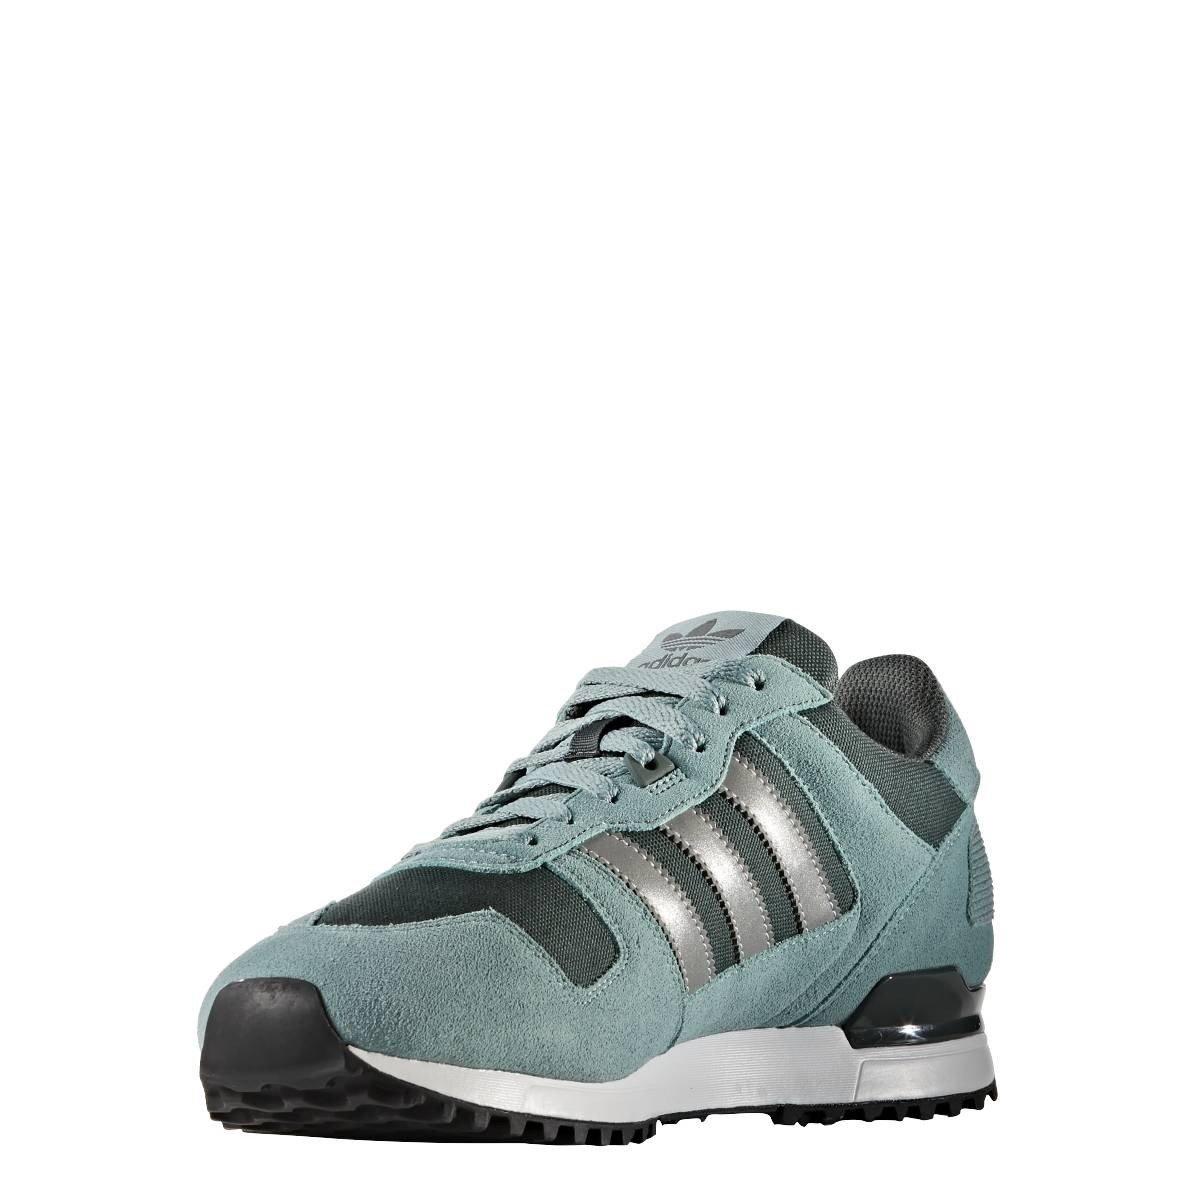 Top Adidas Sneakers Men's Zx 700 Low xBdrCoe